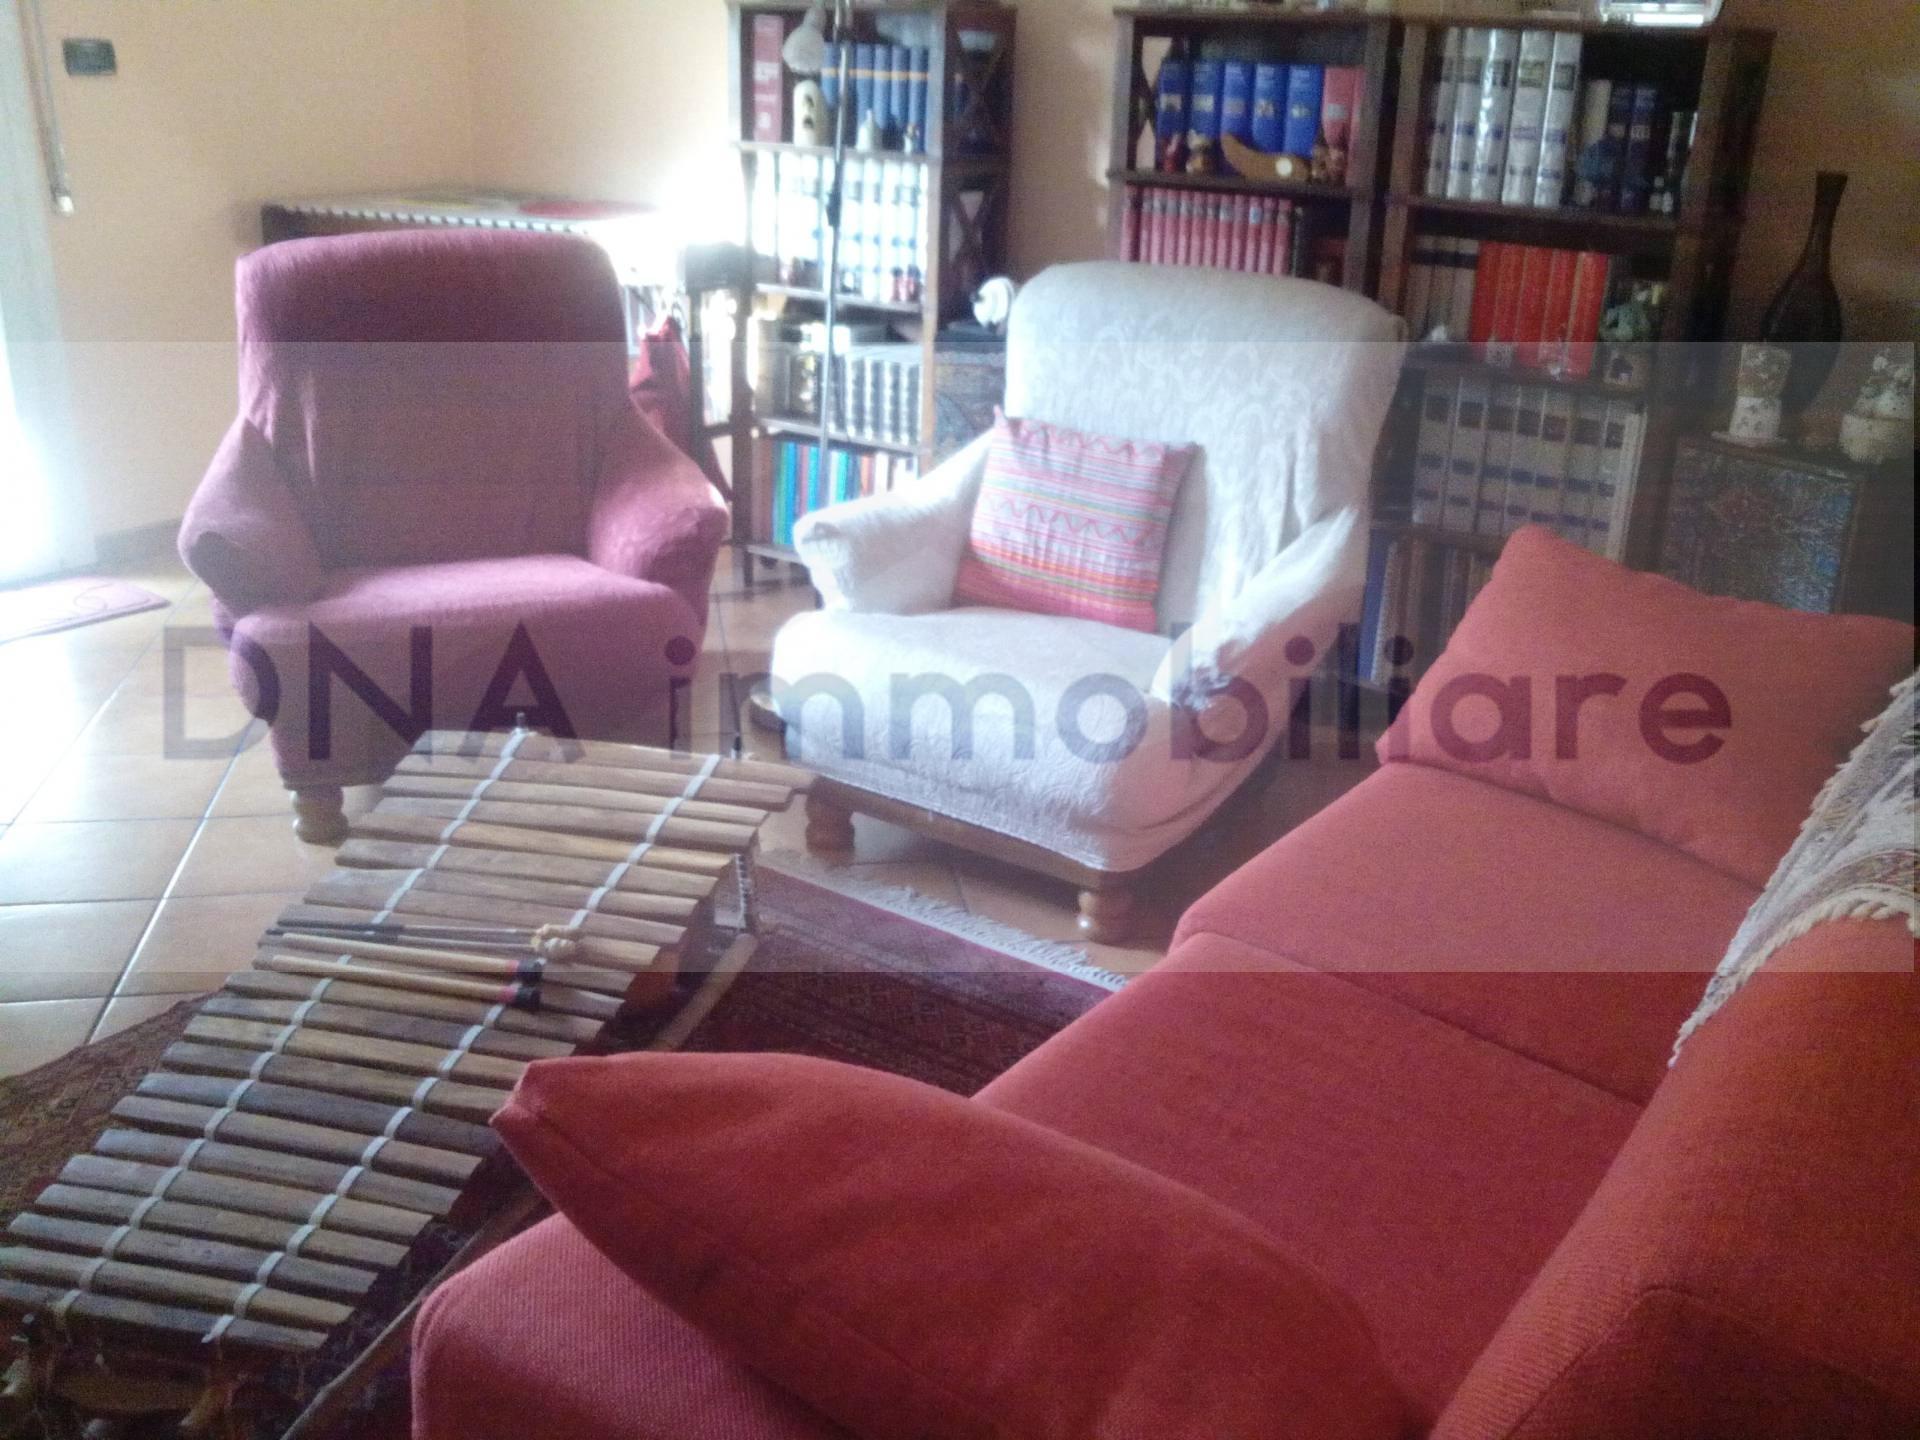 Appartamento in vendita a Ferrara, 4 locali, zona Zona: Doro, prezzo € 85.000 | CambioCasa.it